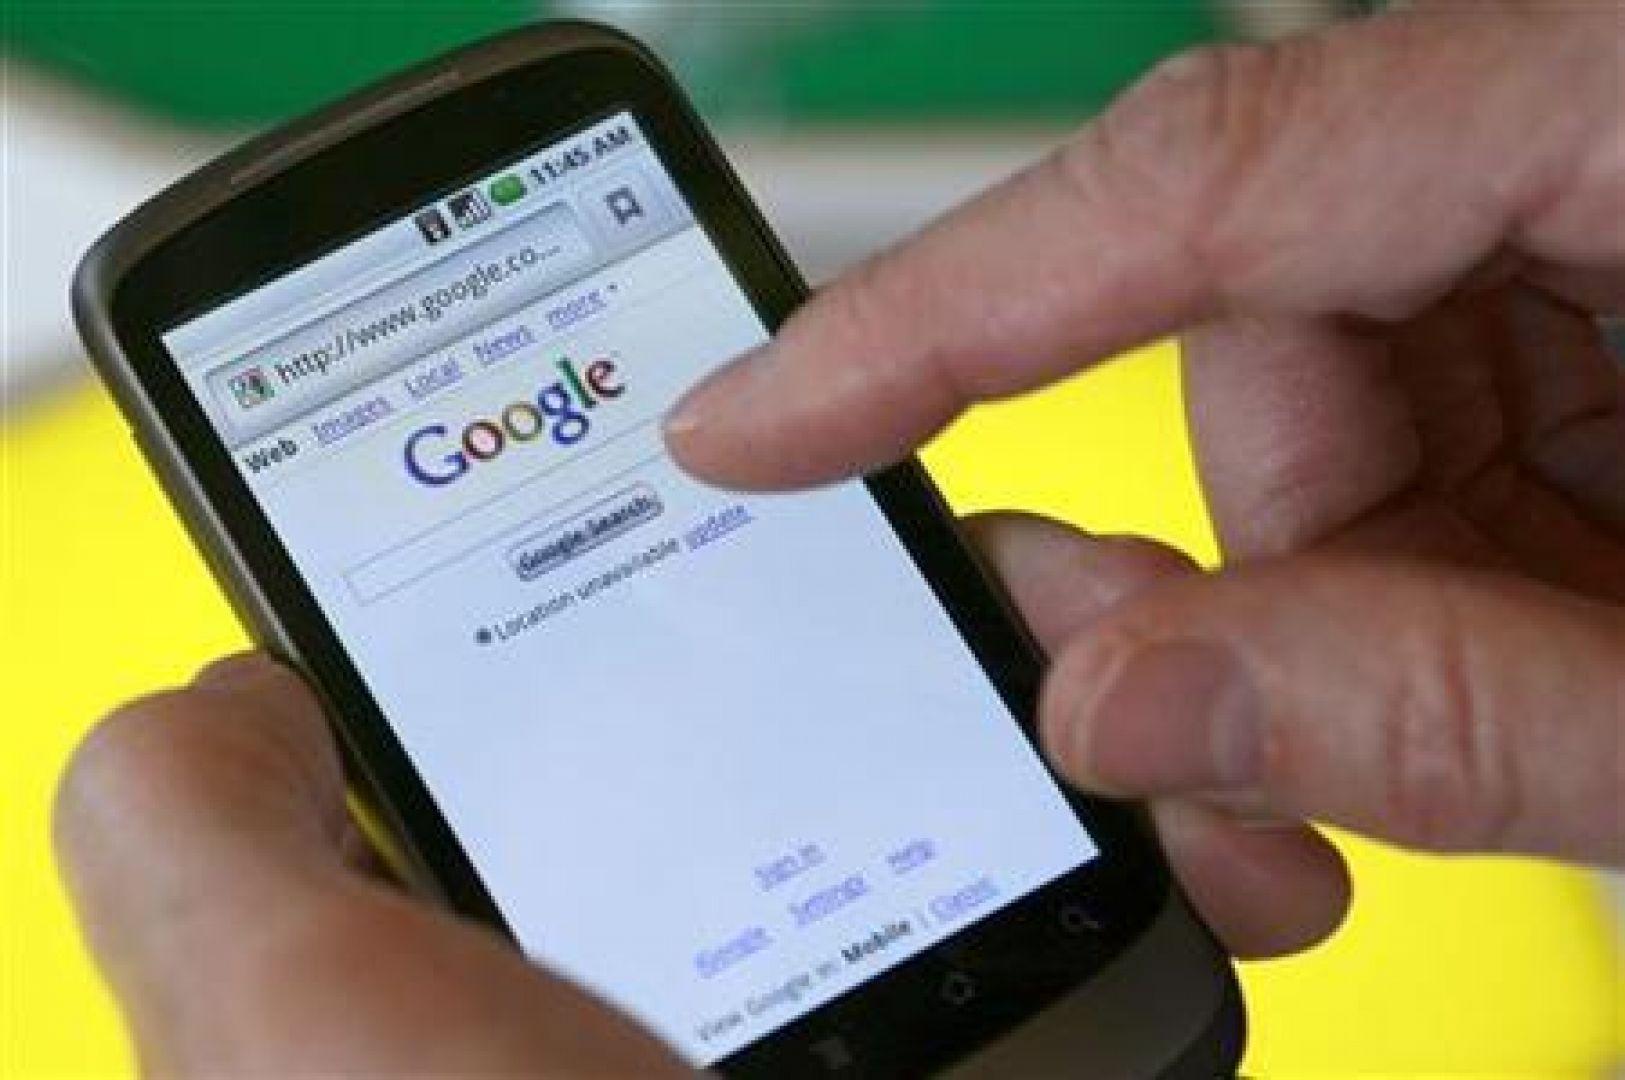 Con l'avvento dei dispositivi mobili è cambiato il modo di fruizione delle notizie